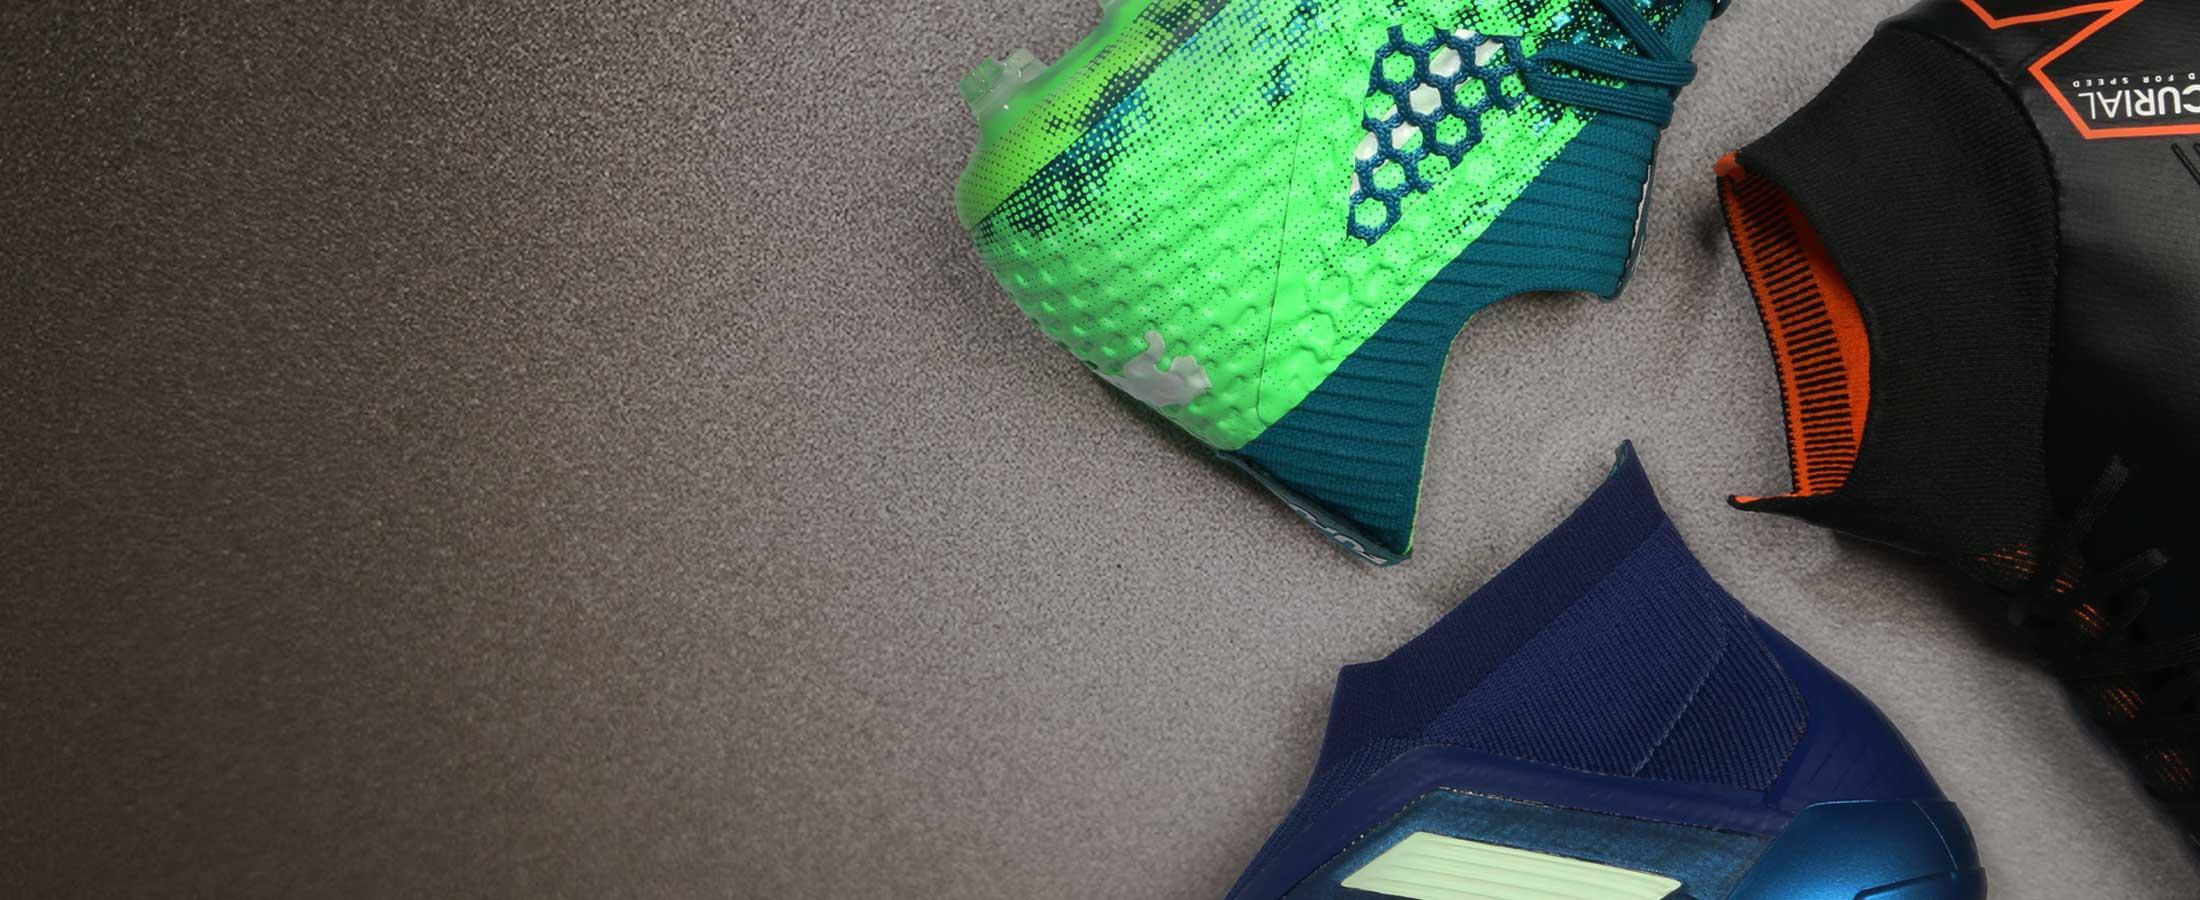 Botas fútbol con tobillera